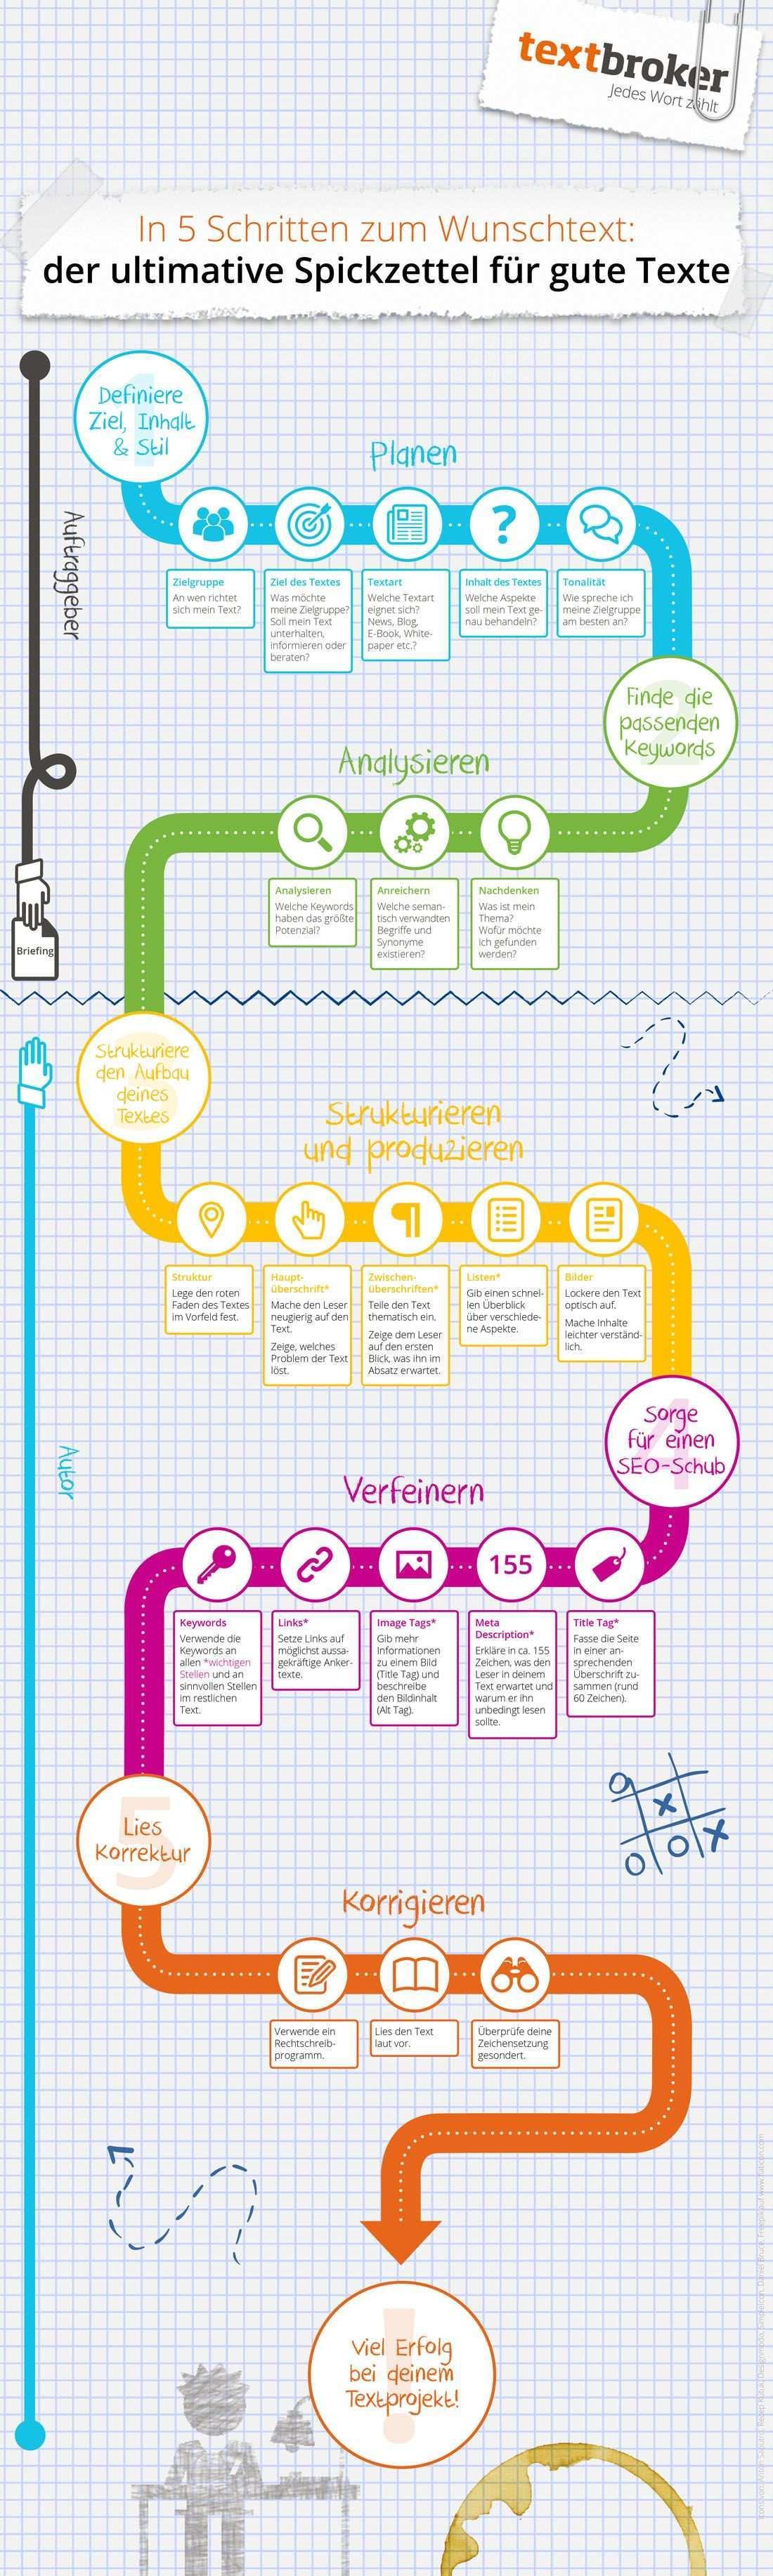 Gute Online Texte Schreiben Checkliste Fur Erfolgreiche Online Texte Impulse Spickzettel Lernmethoden Schulideen